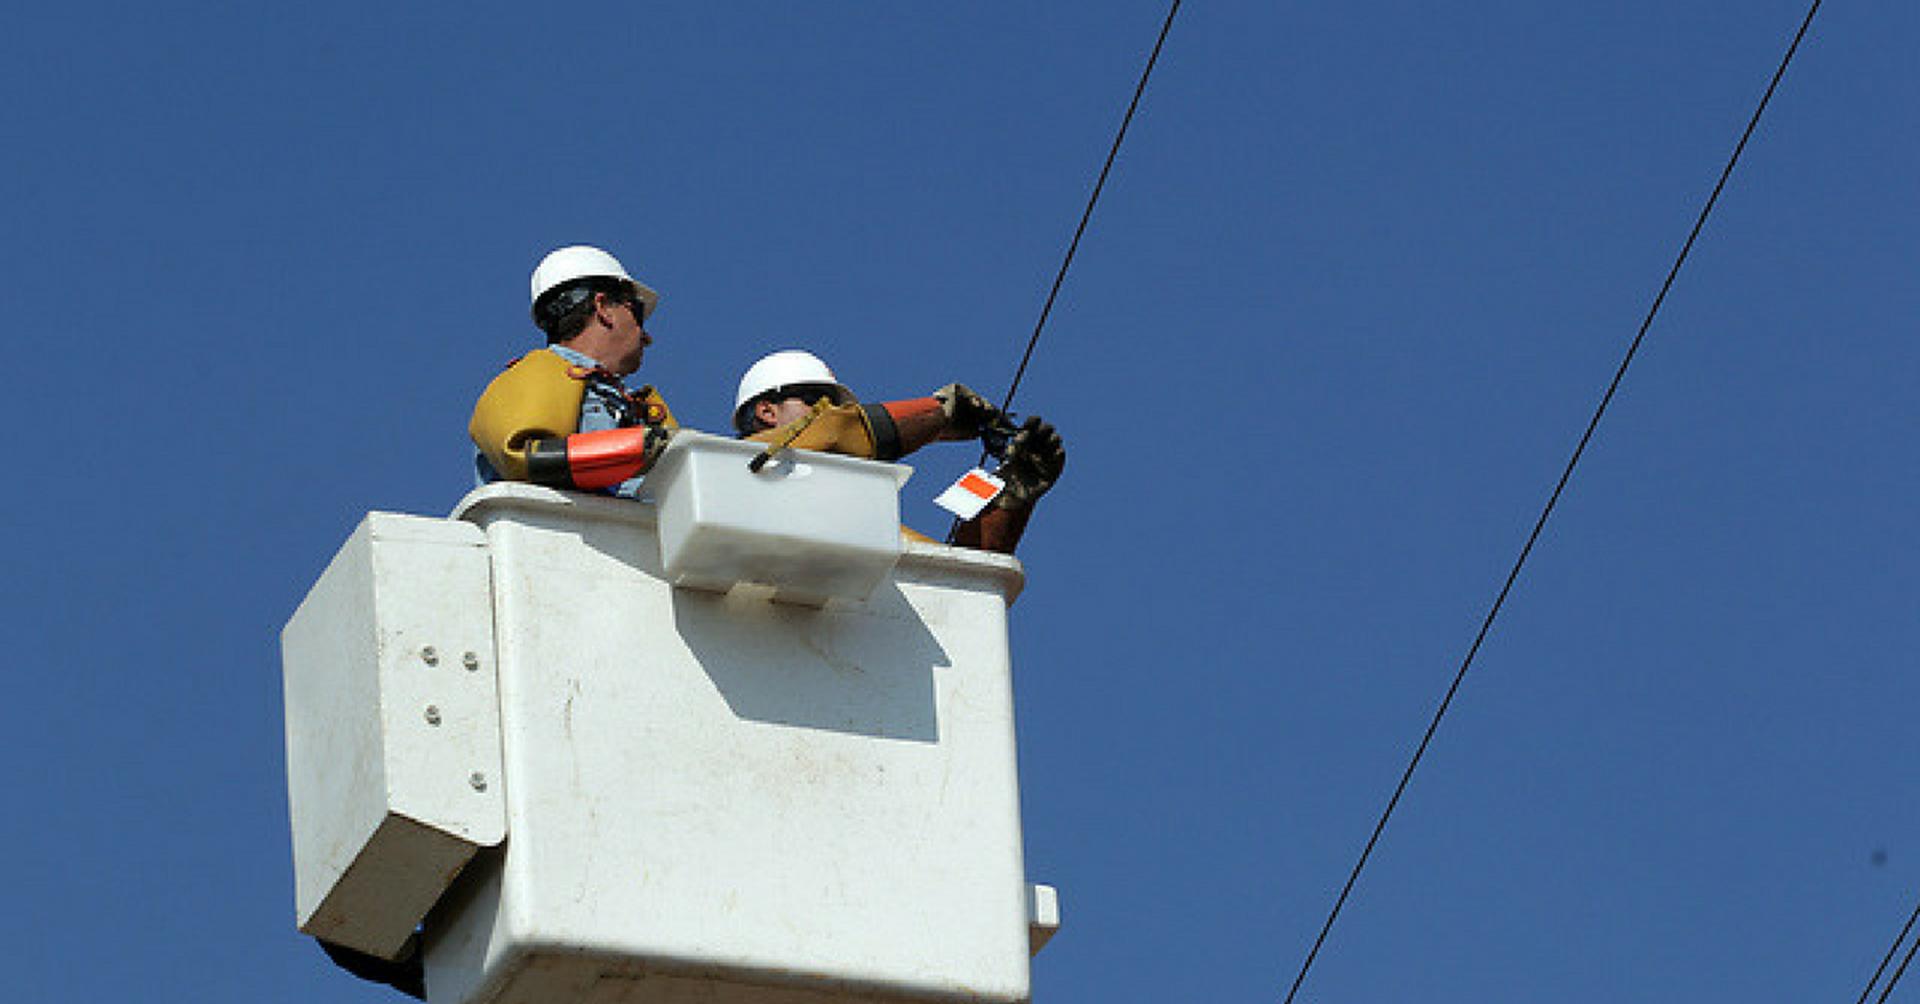 צילום ארכיון: יוסי וייס, חברת החשמל